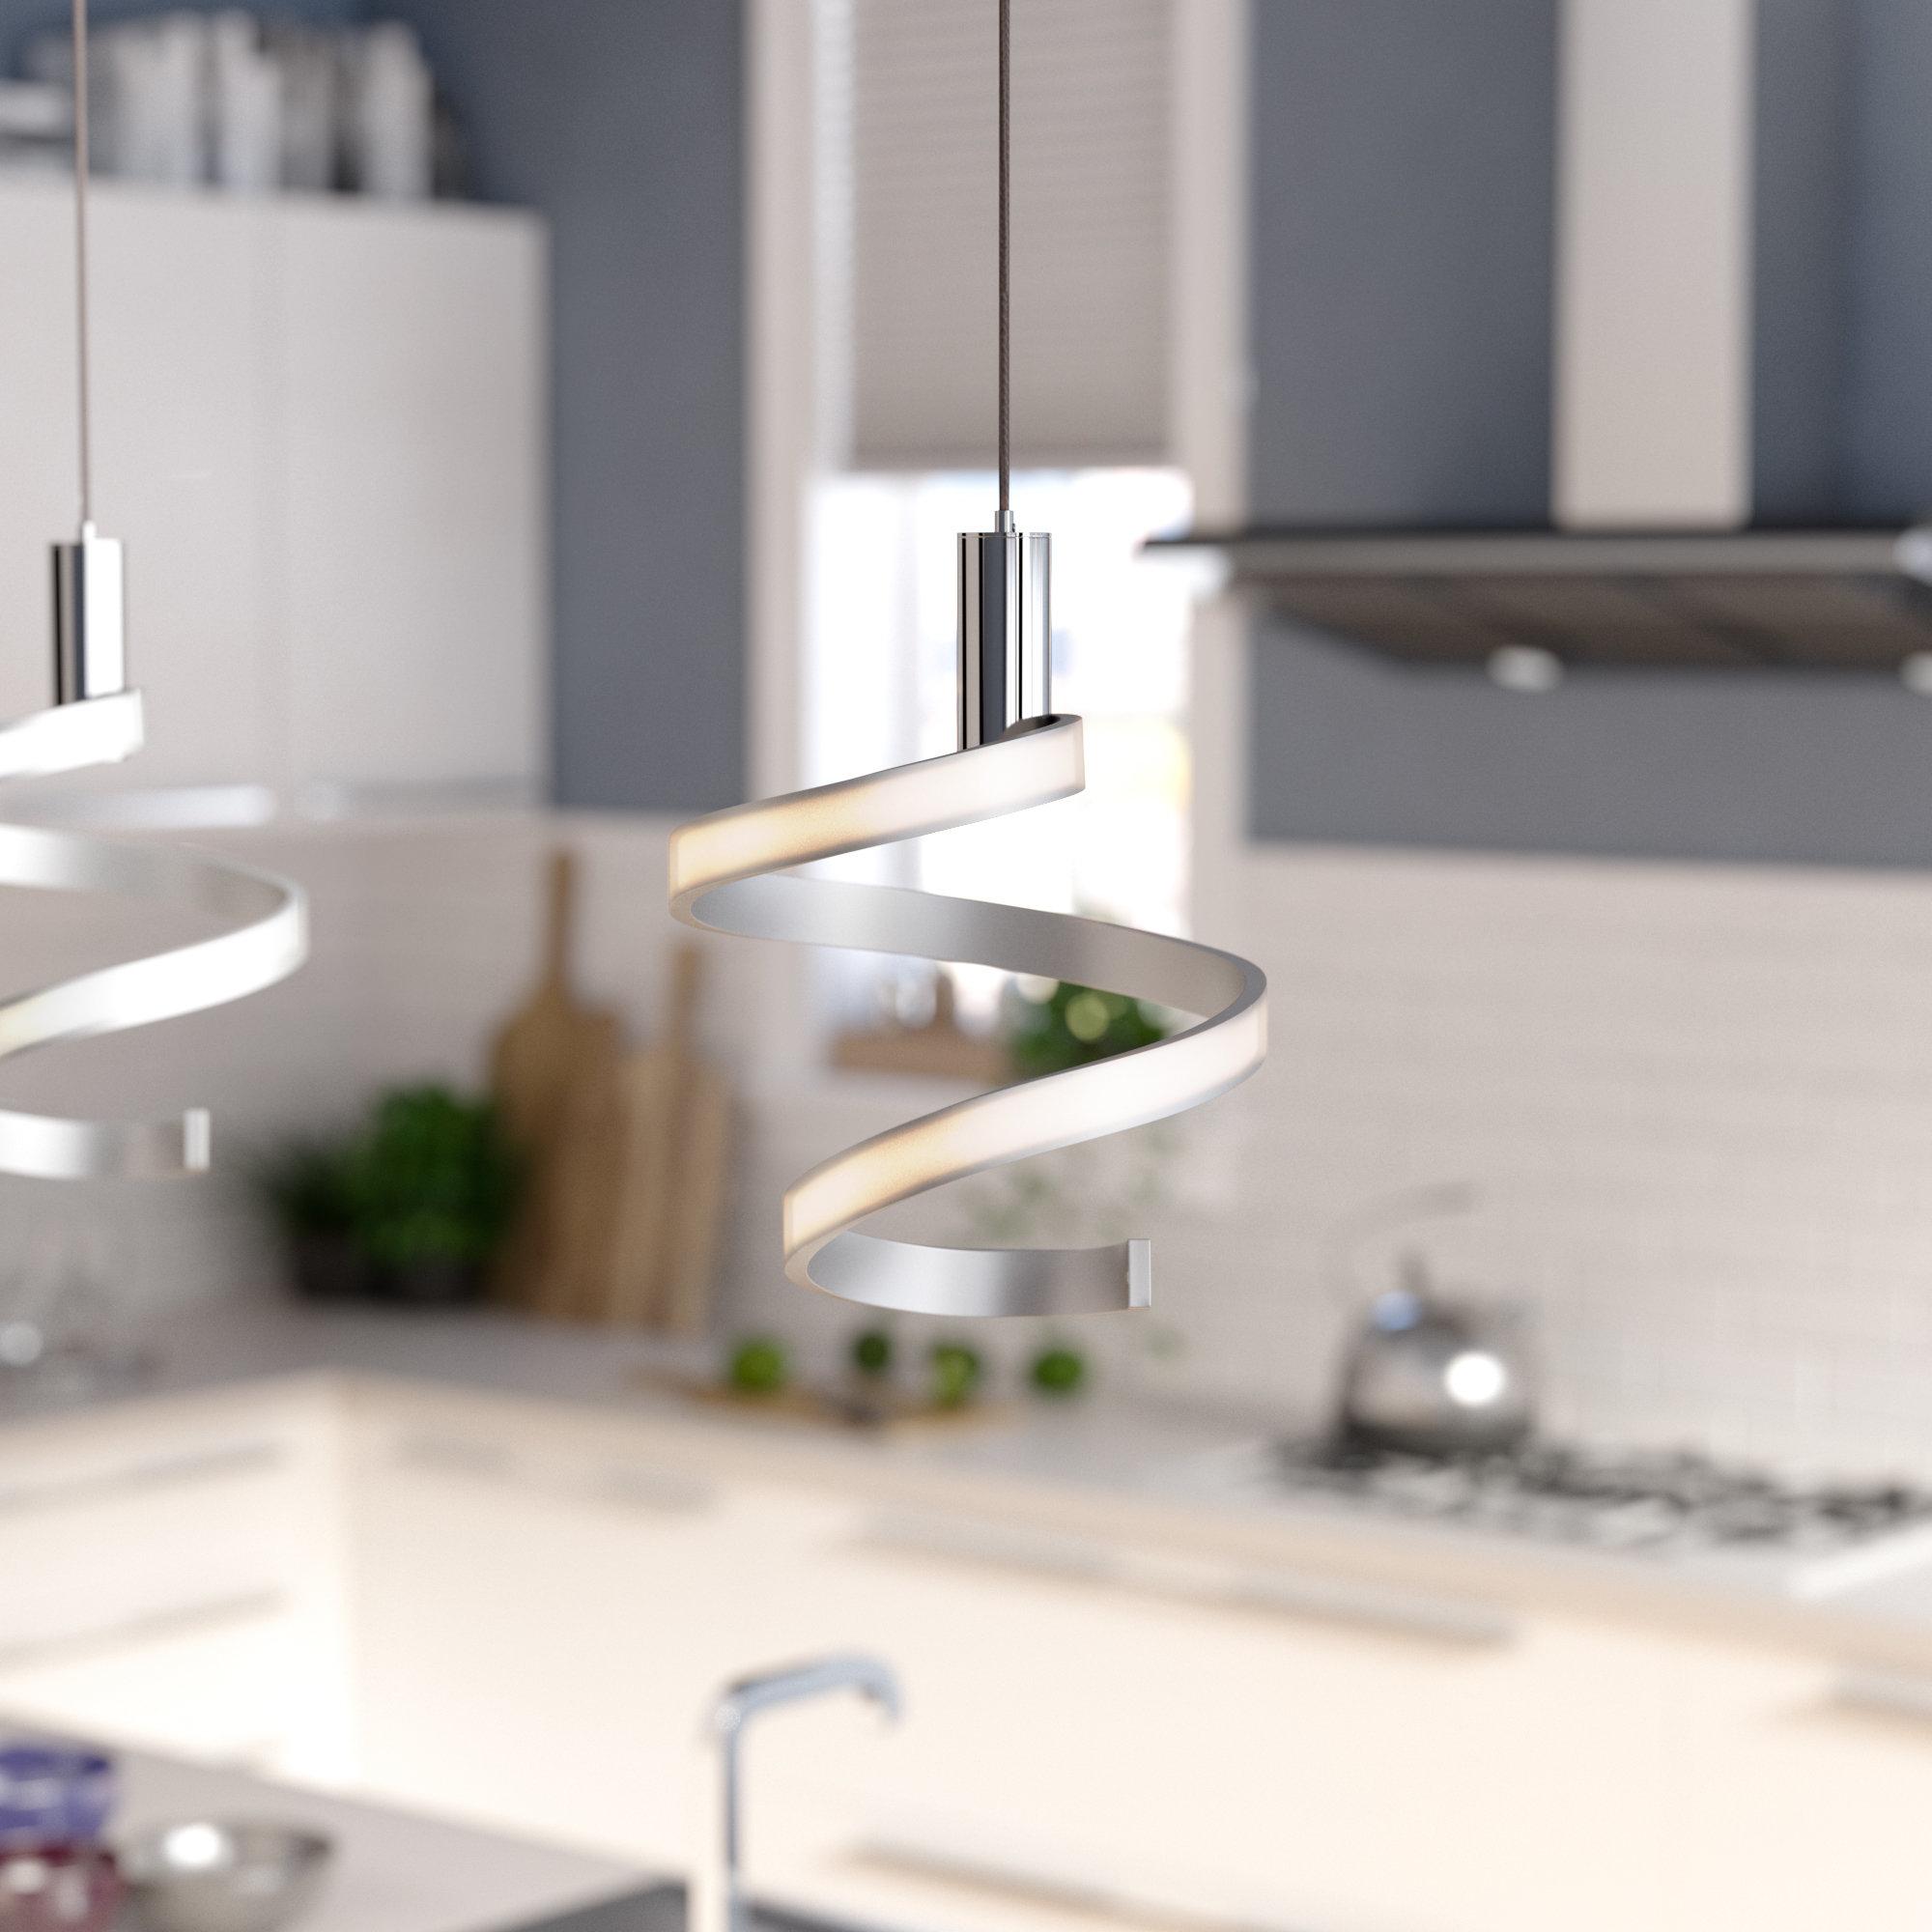 Dormer 1-Light Led Novelty Pendant intended for Callington 1-Light Led Single Geometric Pendants (Image 14 of 30)